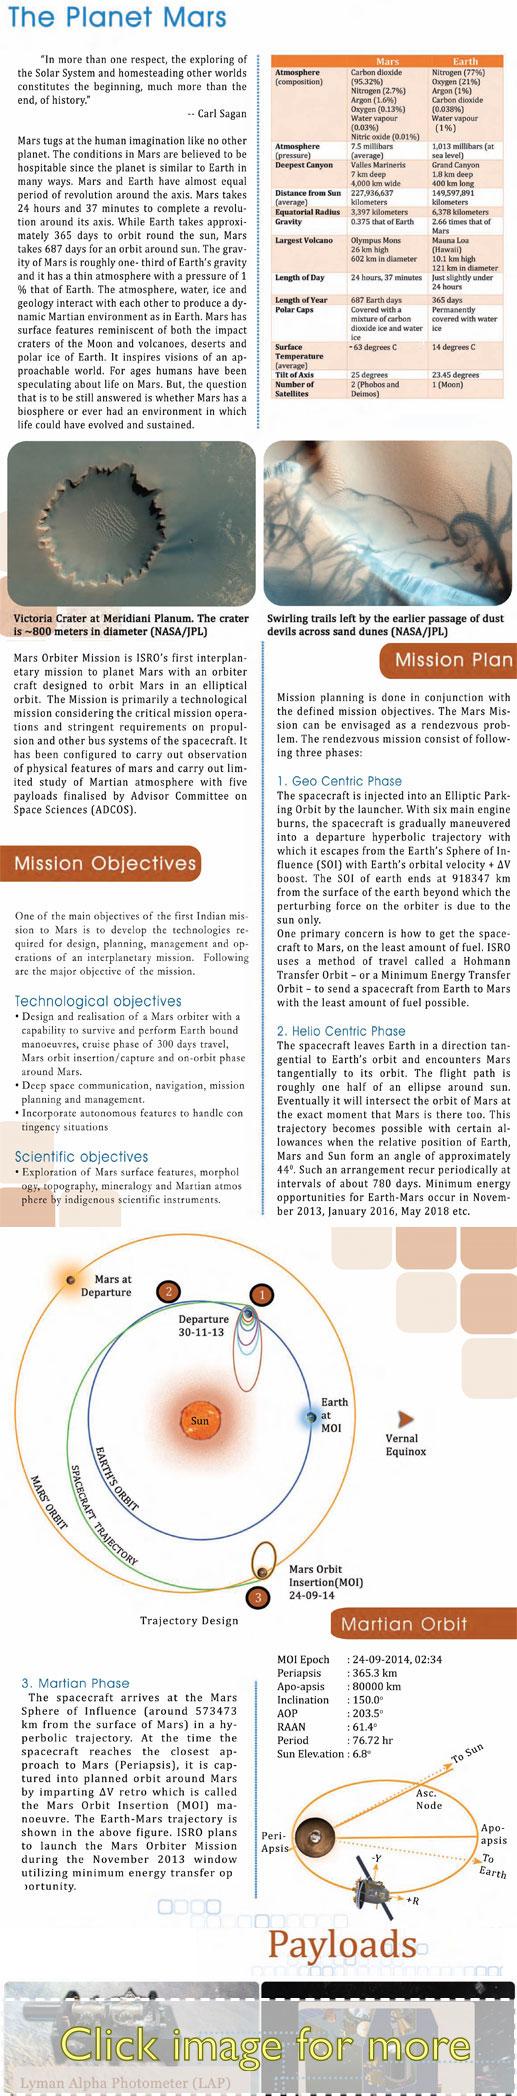 ISRO Document on Mangalyaan Mars Orbiter Mission